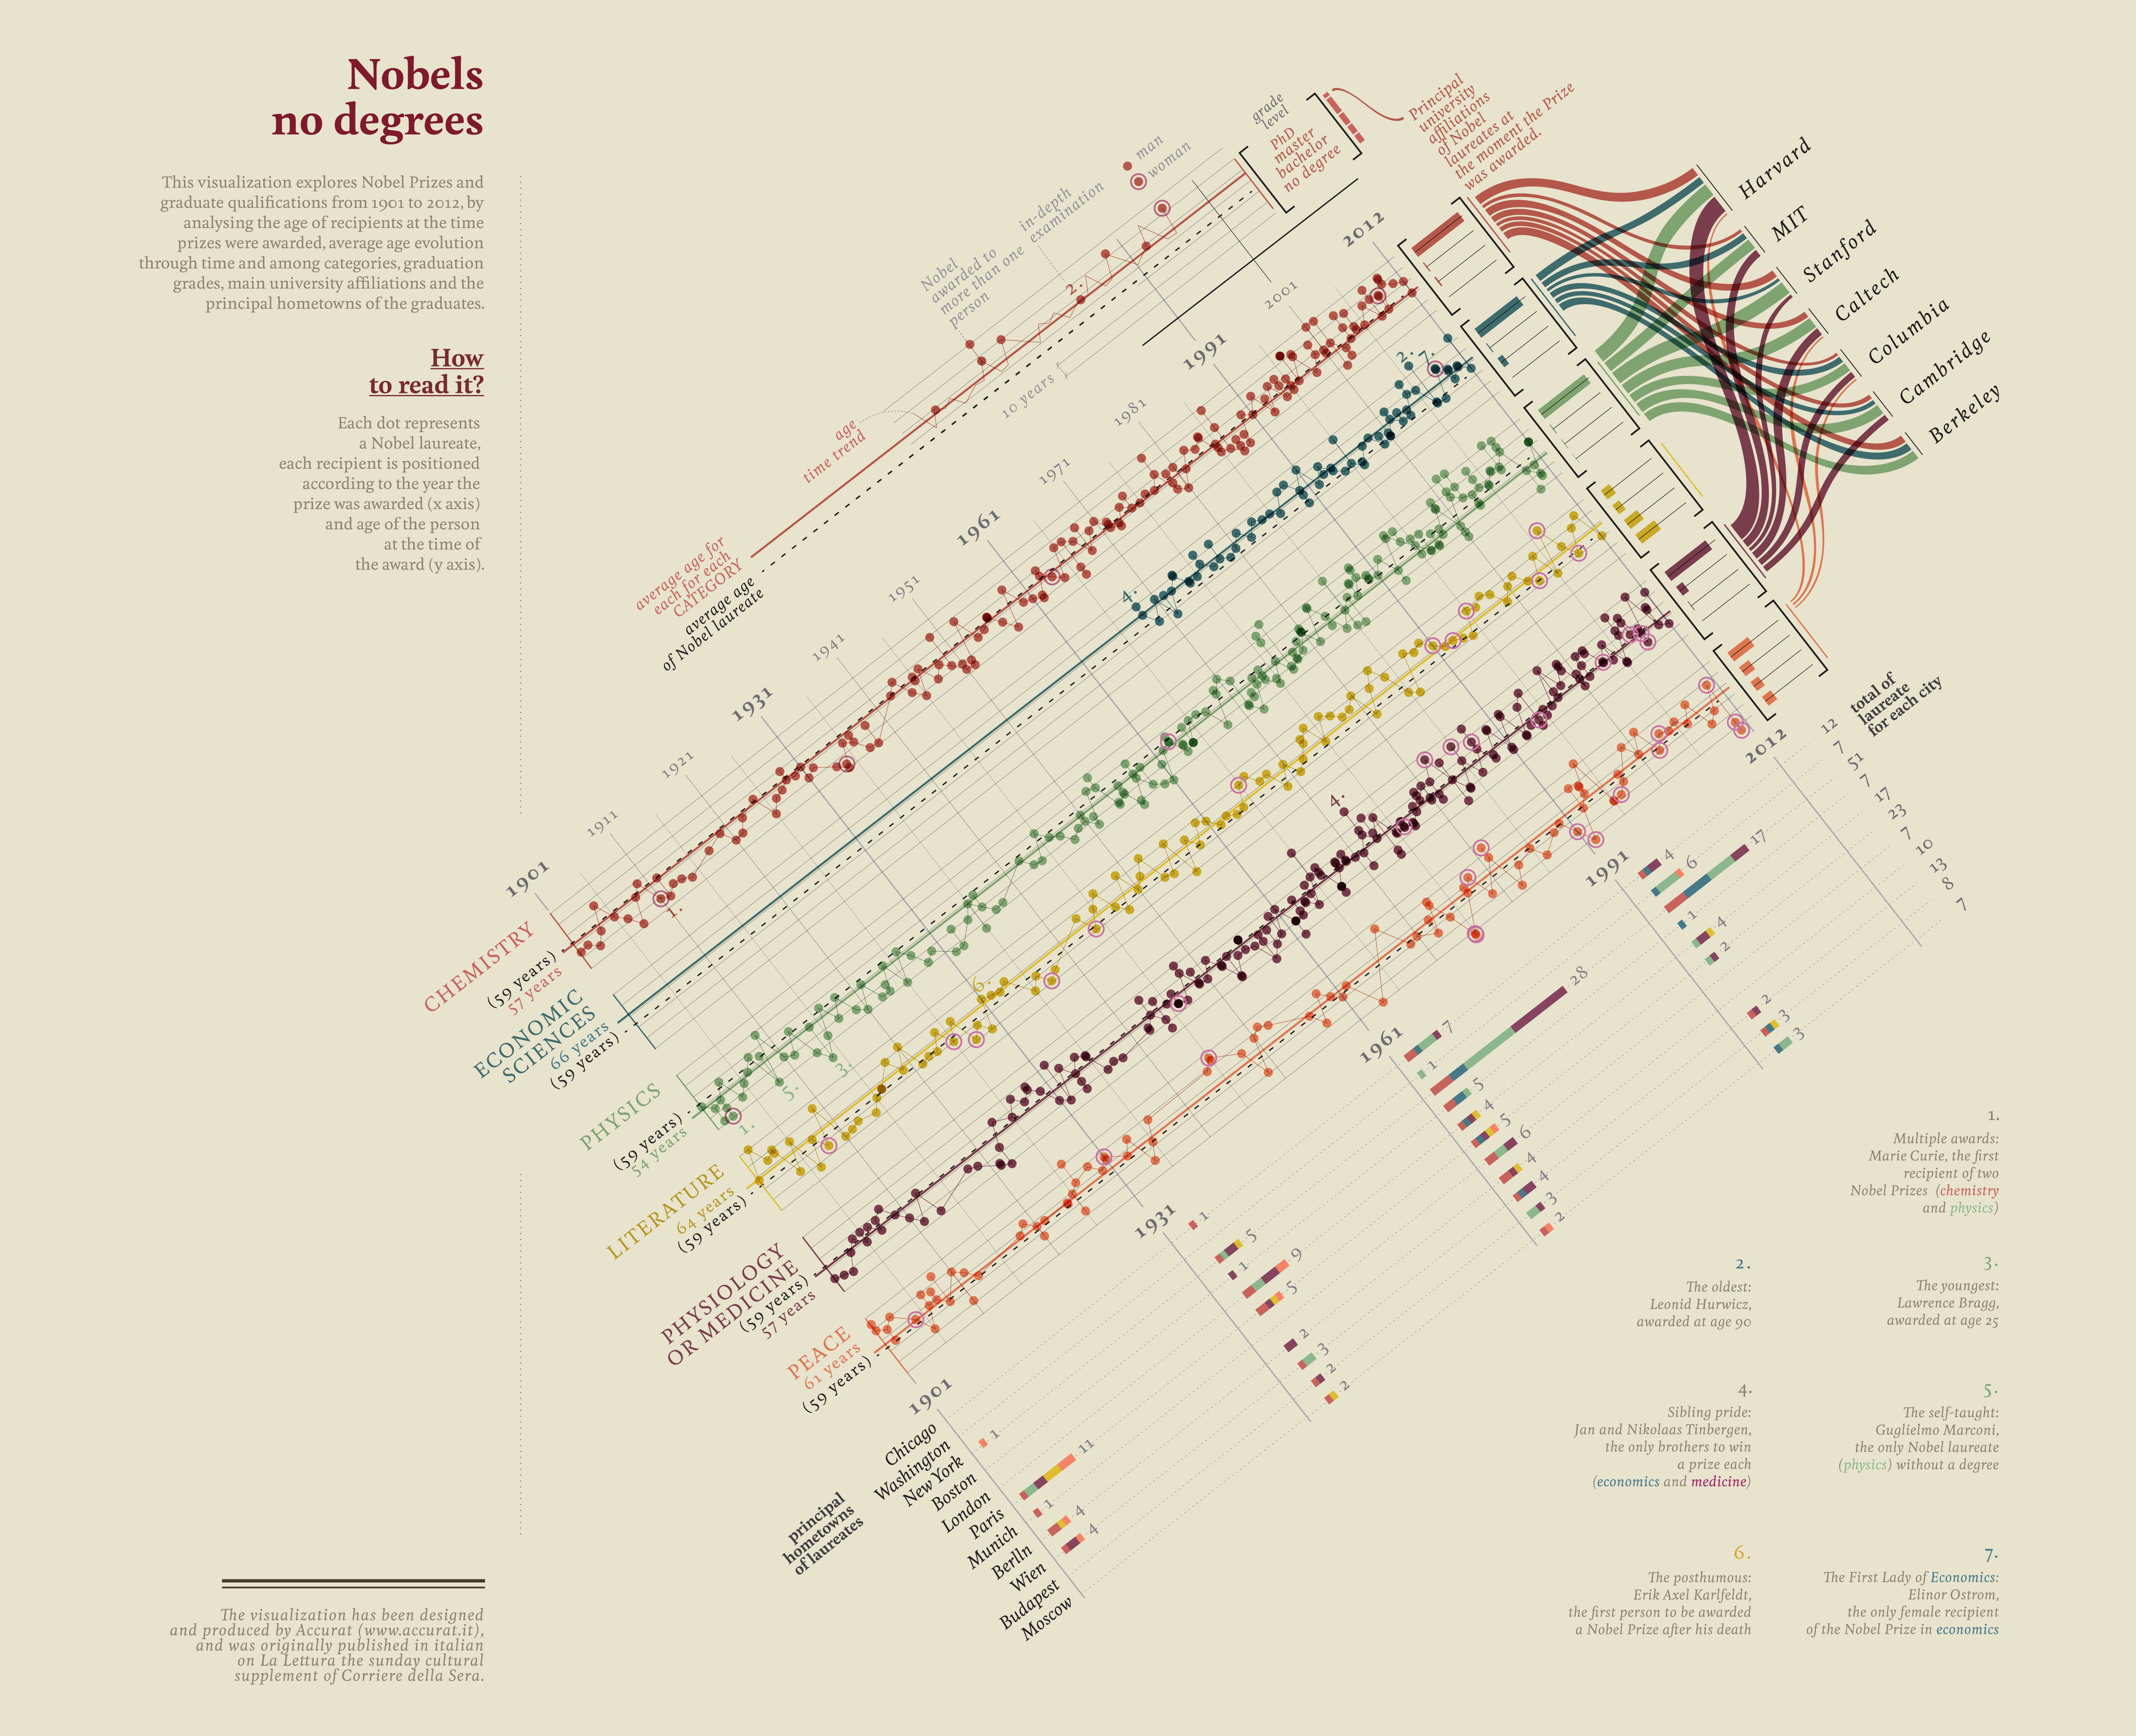 Information design by Accurat for La Lettura, Corriere della Sera